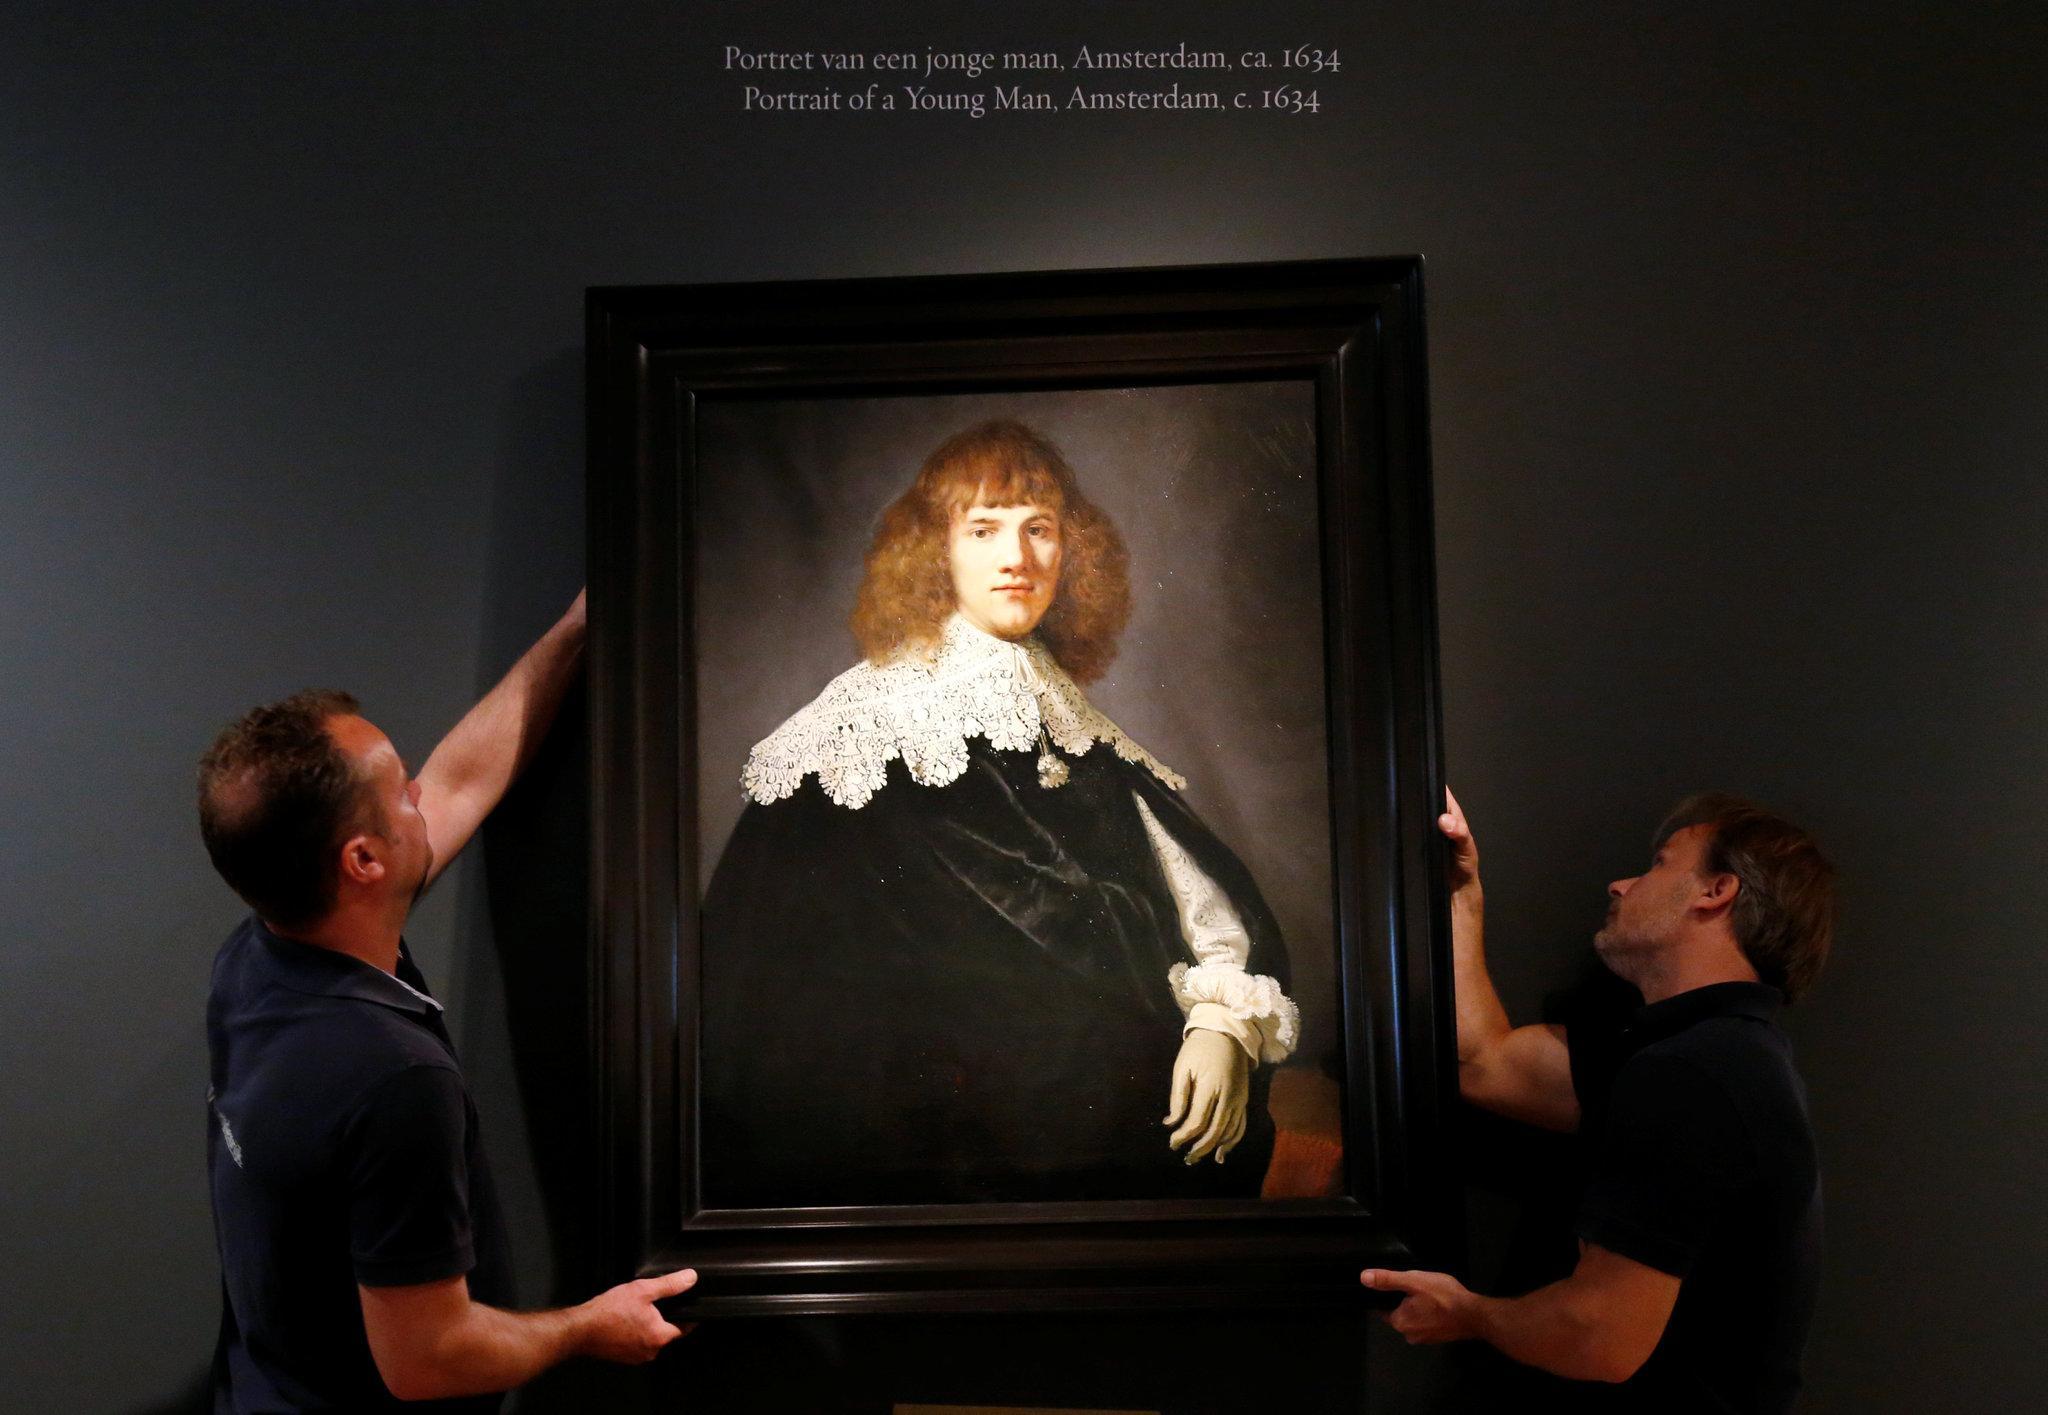 Rembrandt'ın tablosu 44 yıl sonra ortaya çıkarıldı